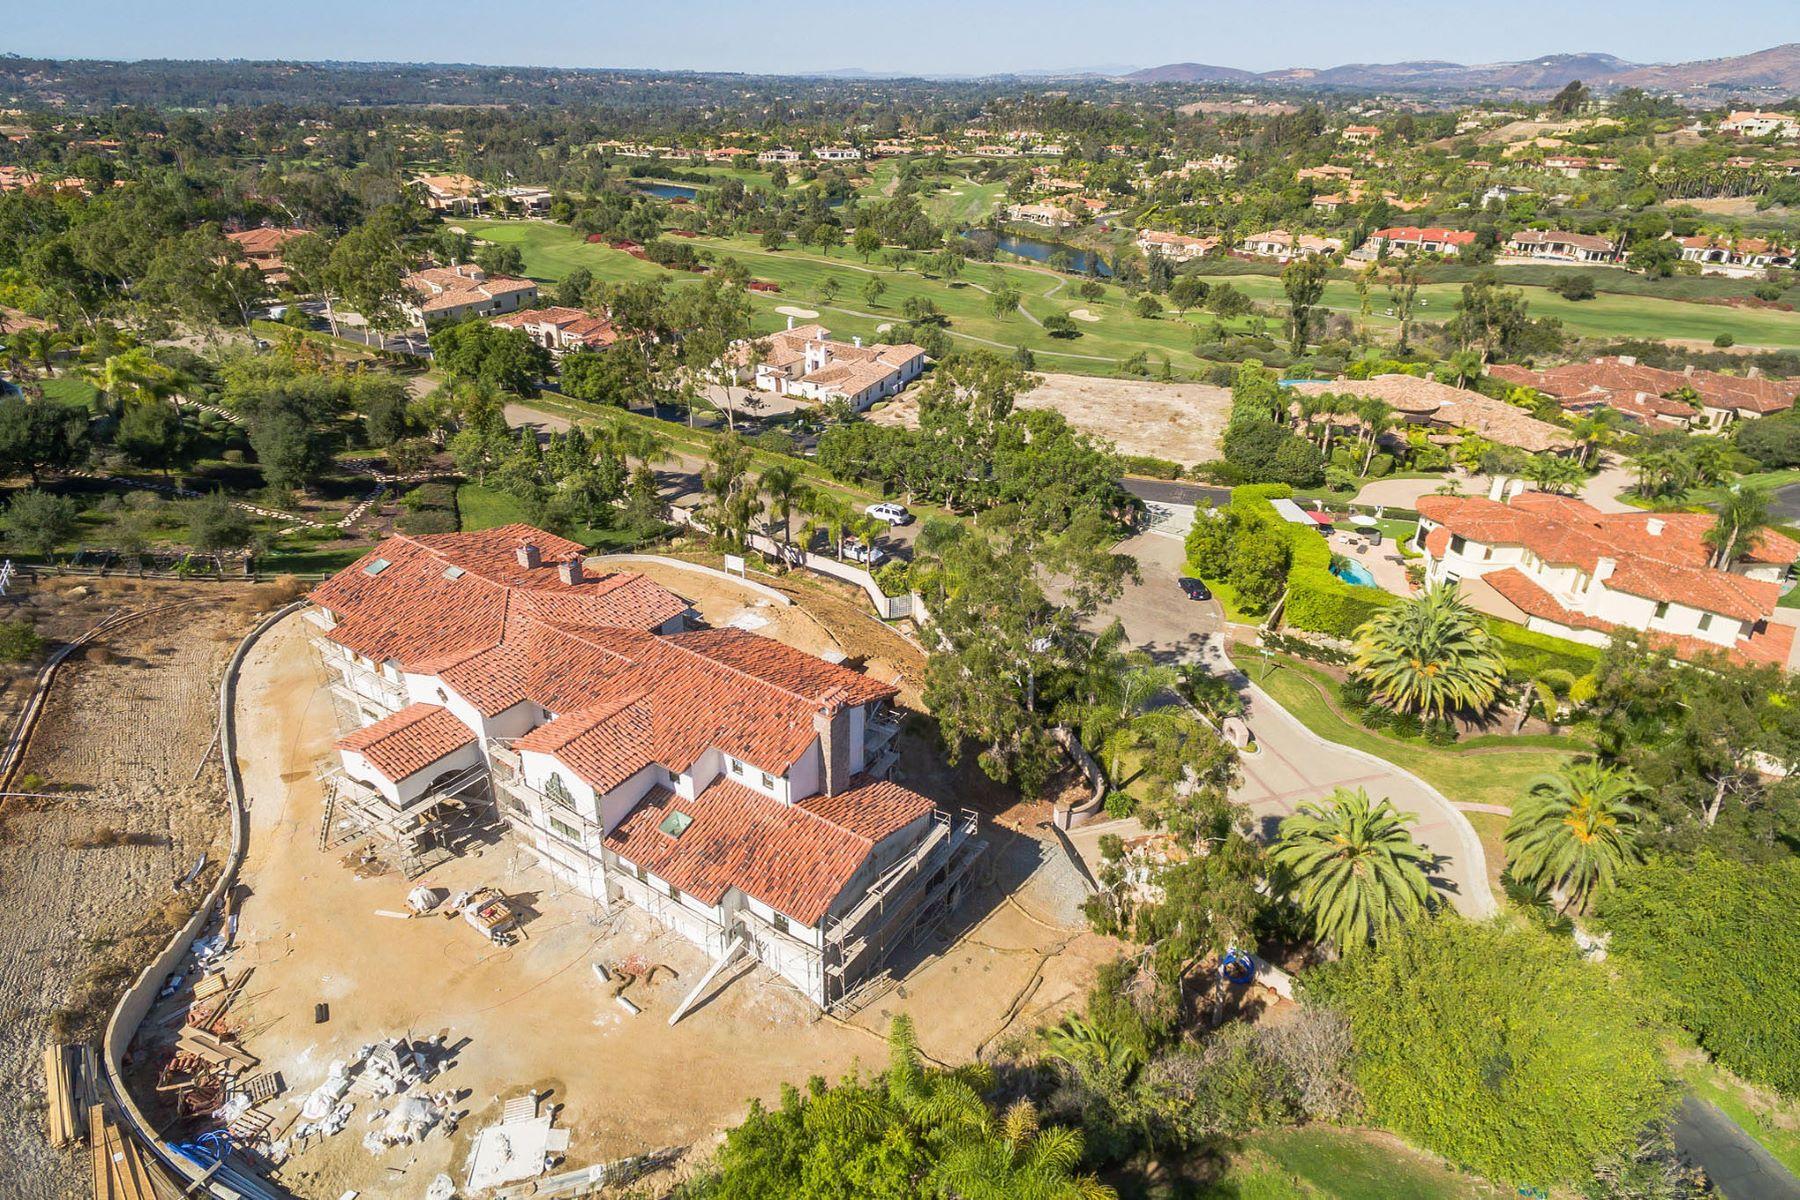 Moradia para Venda às 6888 Rancho Santa Fe Farms Dr 6888 Rancho Santa Fe Farms Drive Rancho Santa Fe, Califórnia, 92067 Estados Unidos